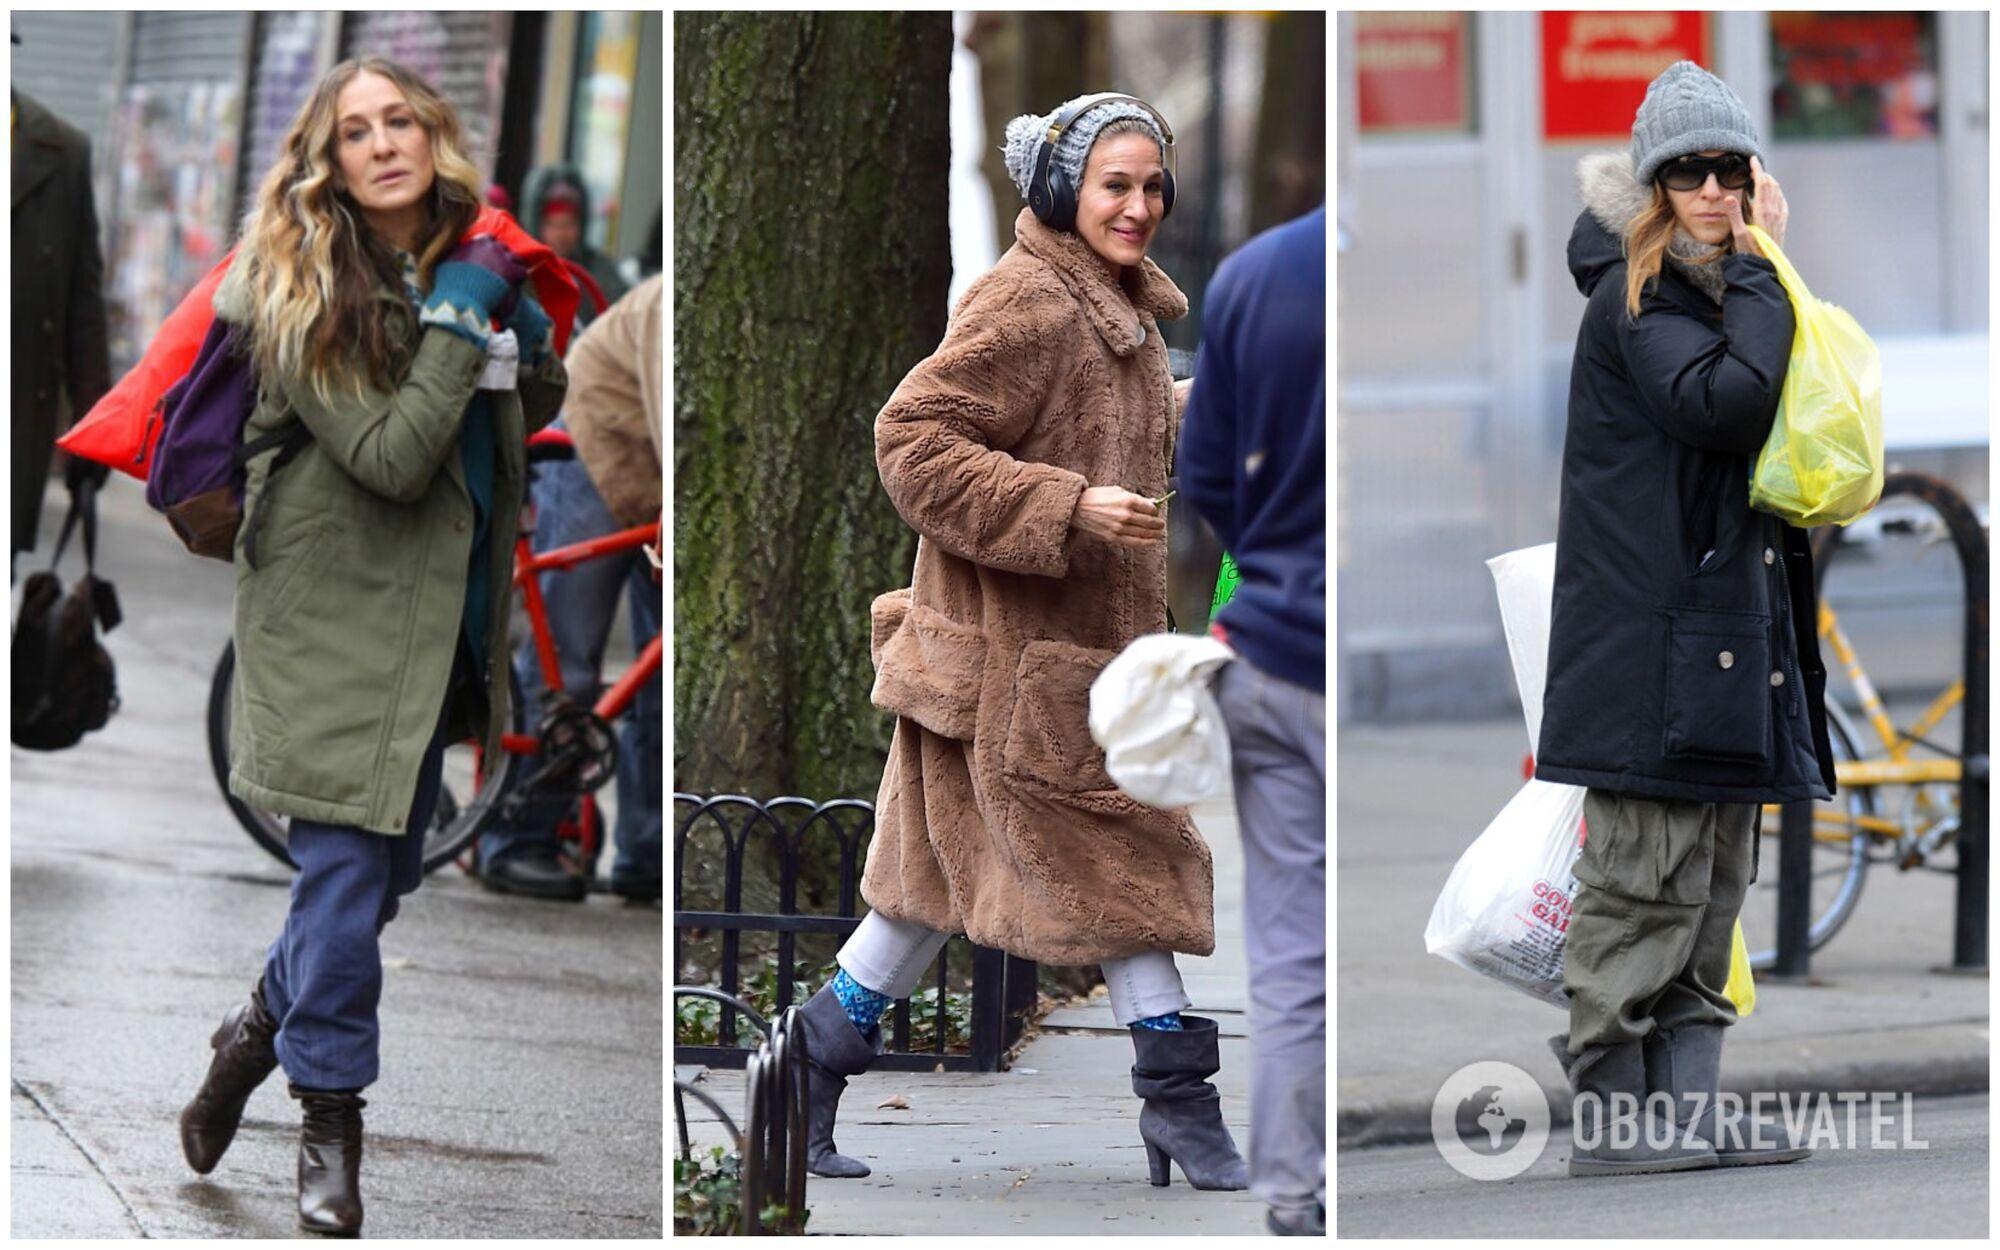 Ікона стилю Сара Джессіка Паркер на вулицях Нью-Йорка